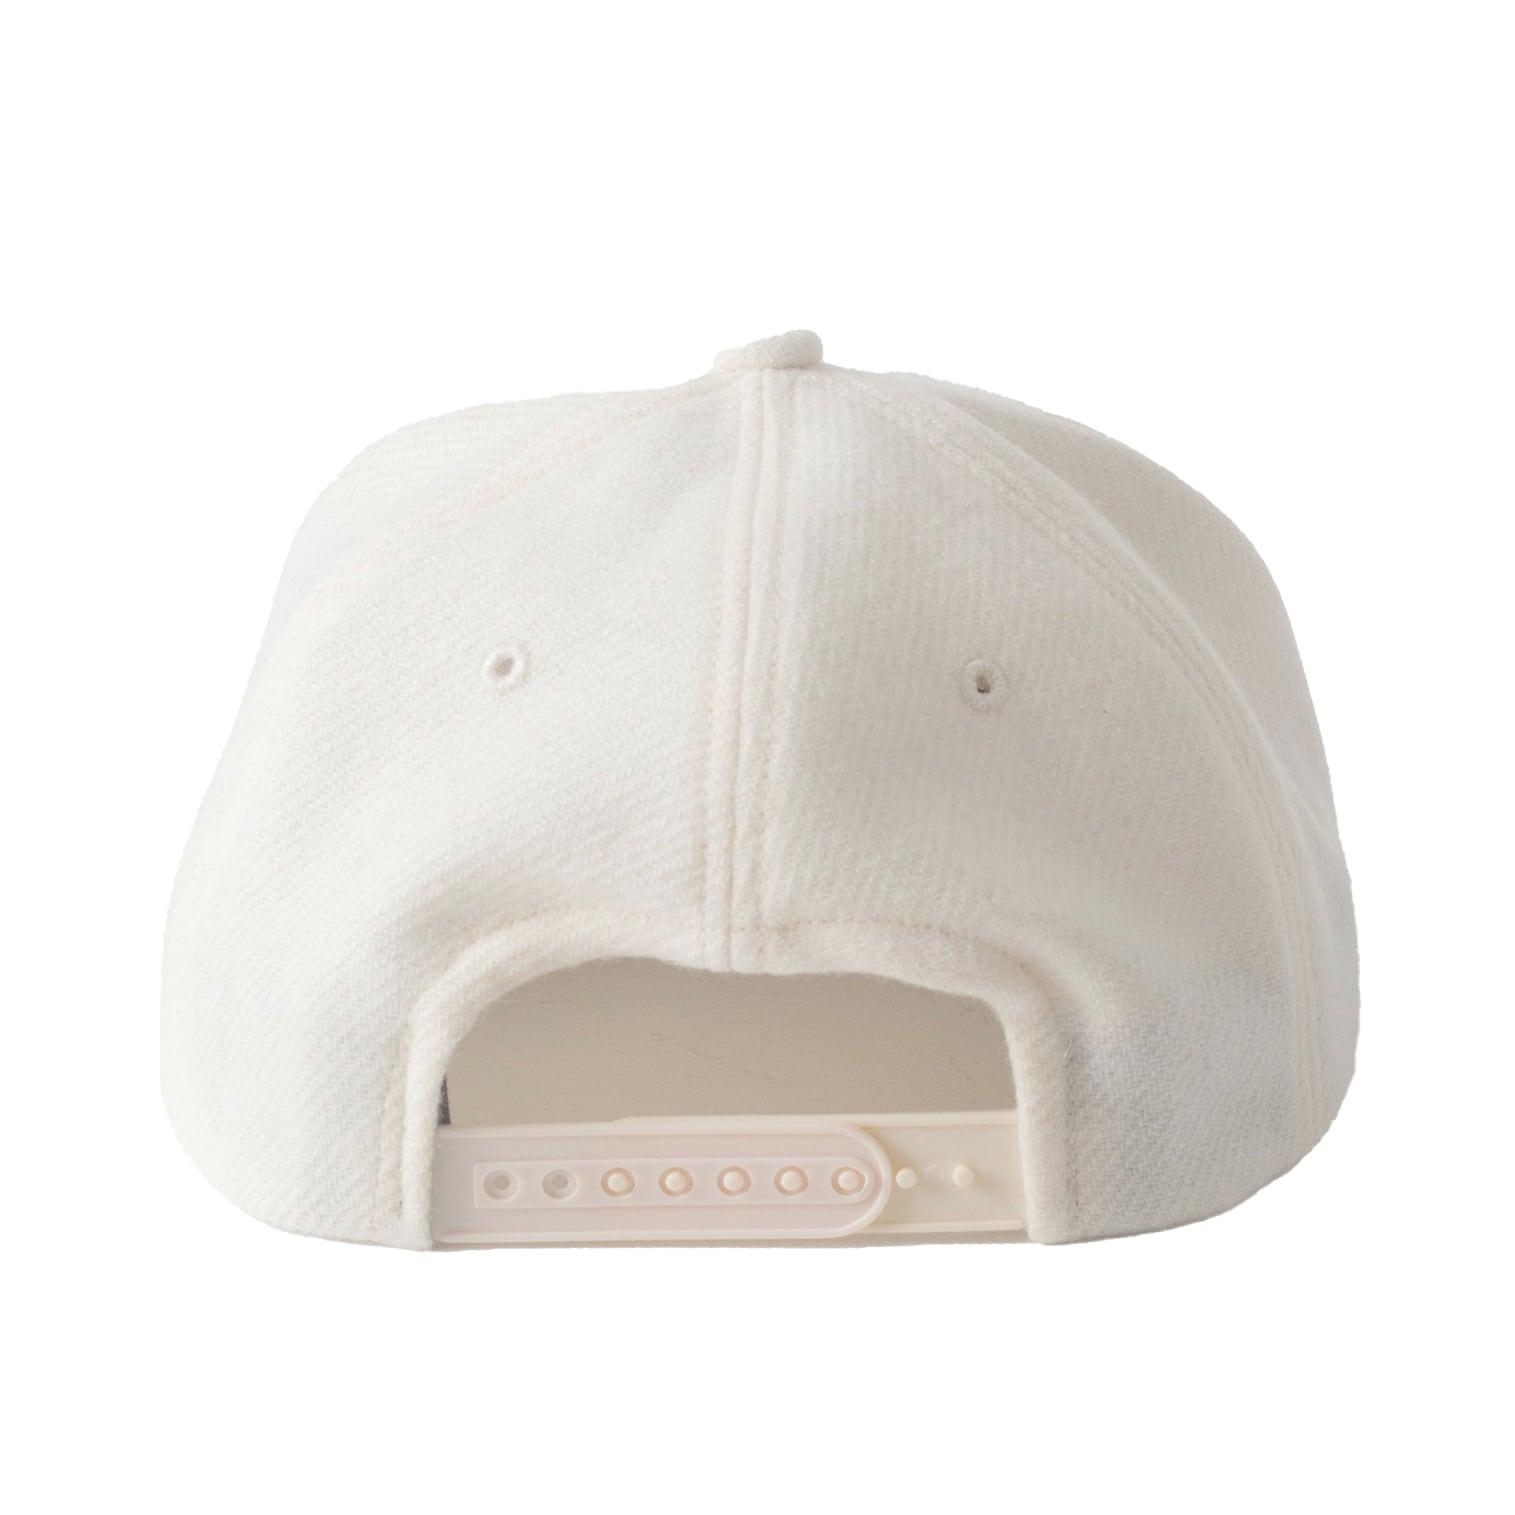 FRAVES BASEBALL CAP / WHITE - 画像3